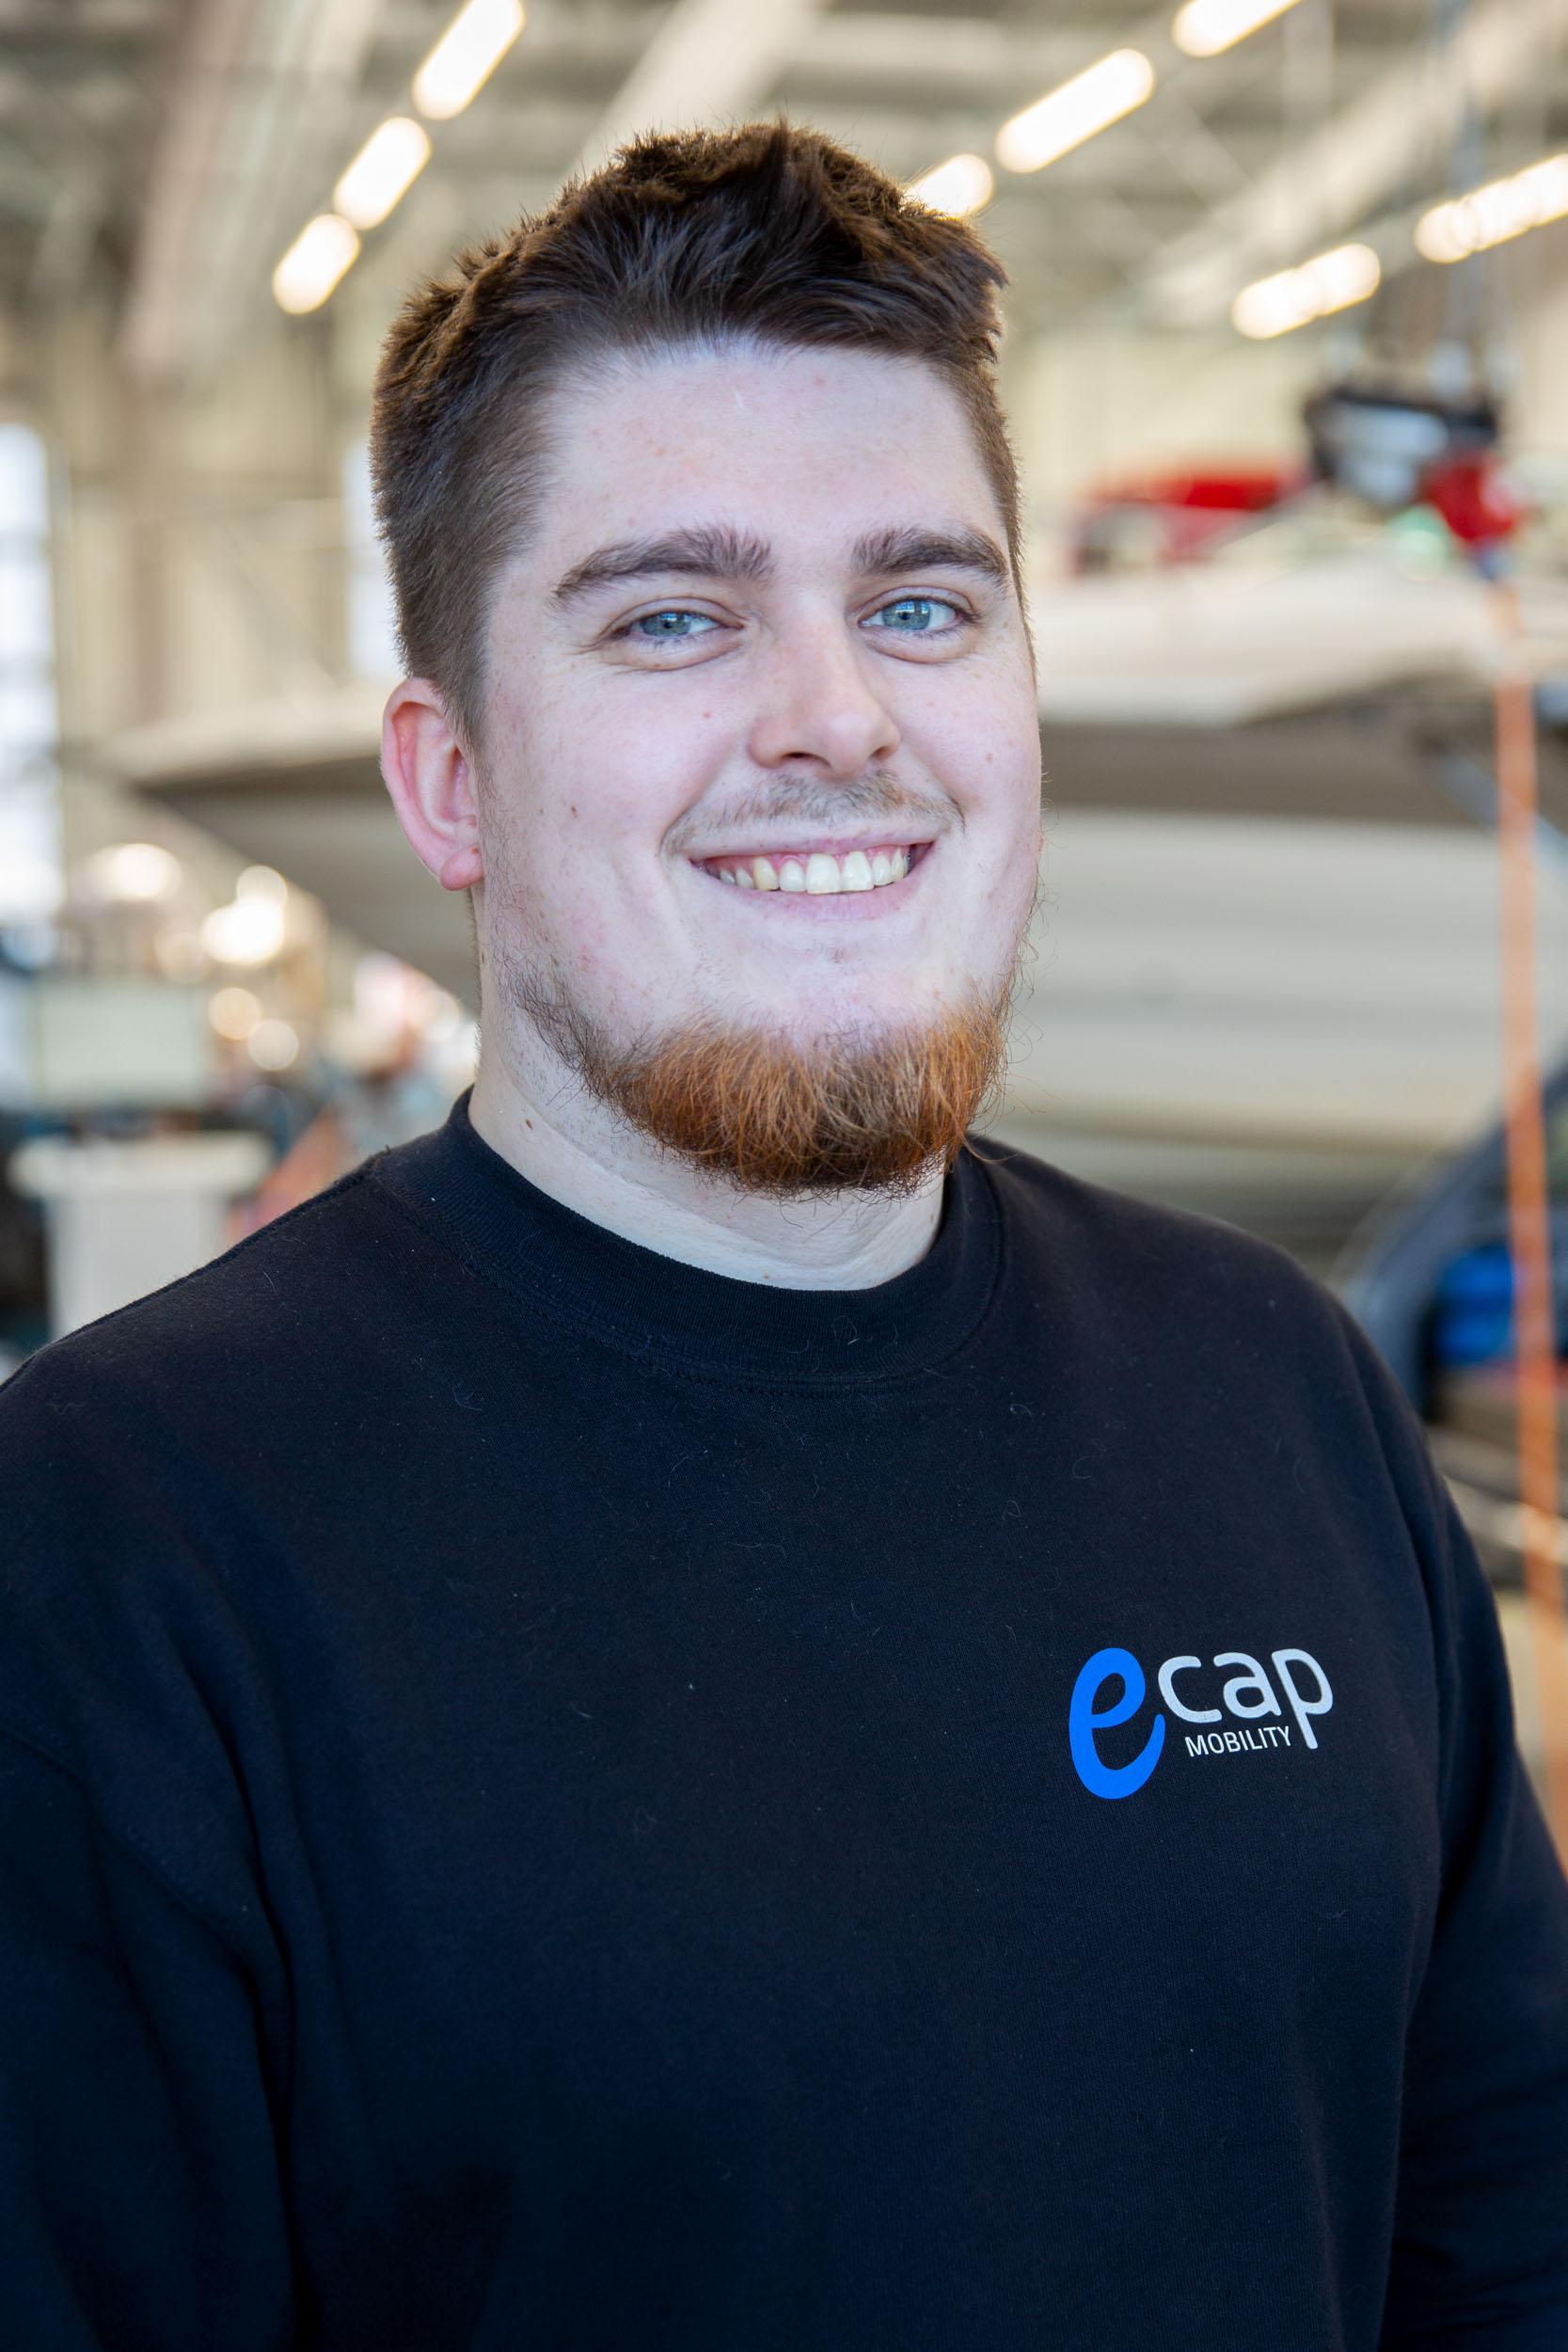 Joshua Murphy | Kfz-Mechatroniker  jmu@ecap-mobility.com